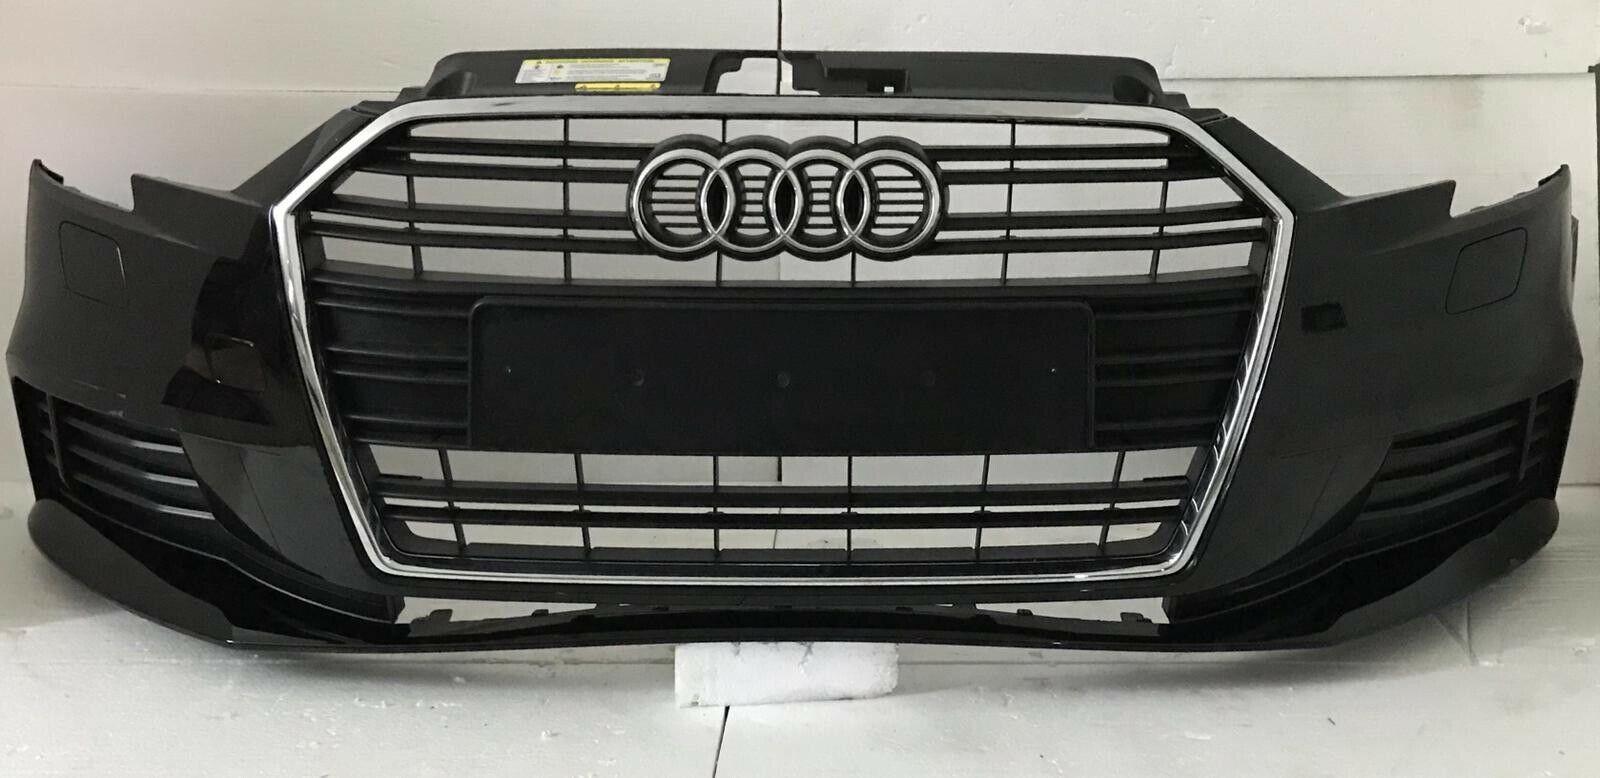 Paraurti Anteriore Completo Audi A3 Anno 2019 Originale